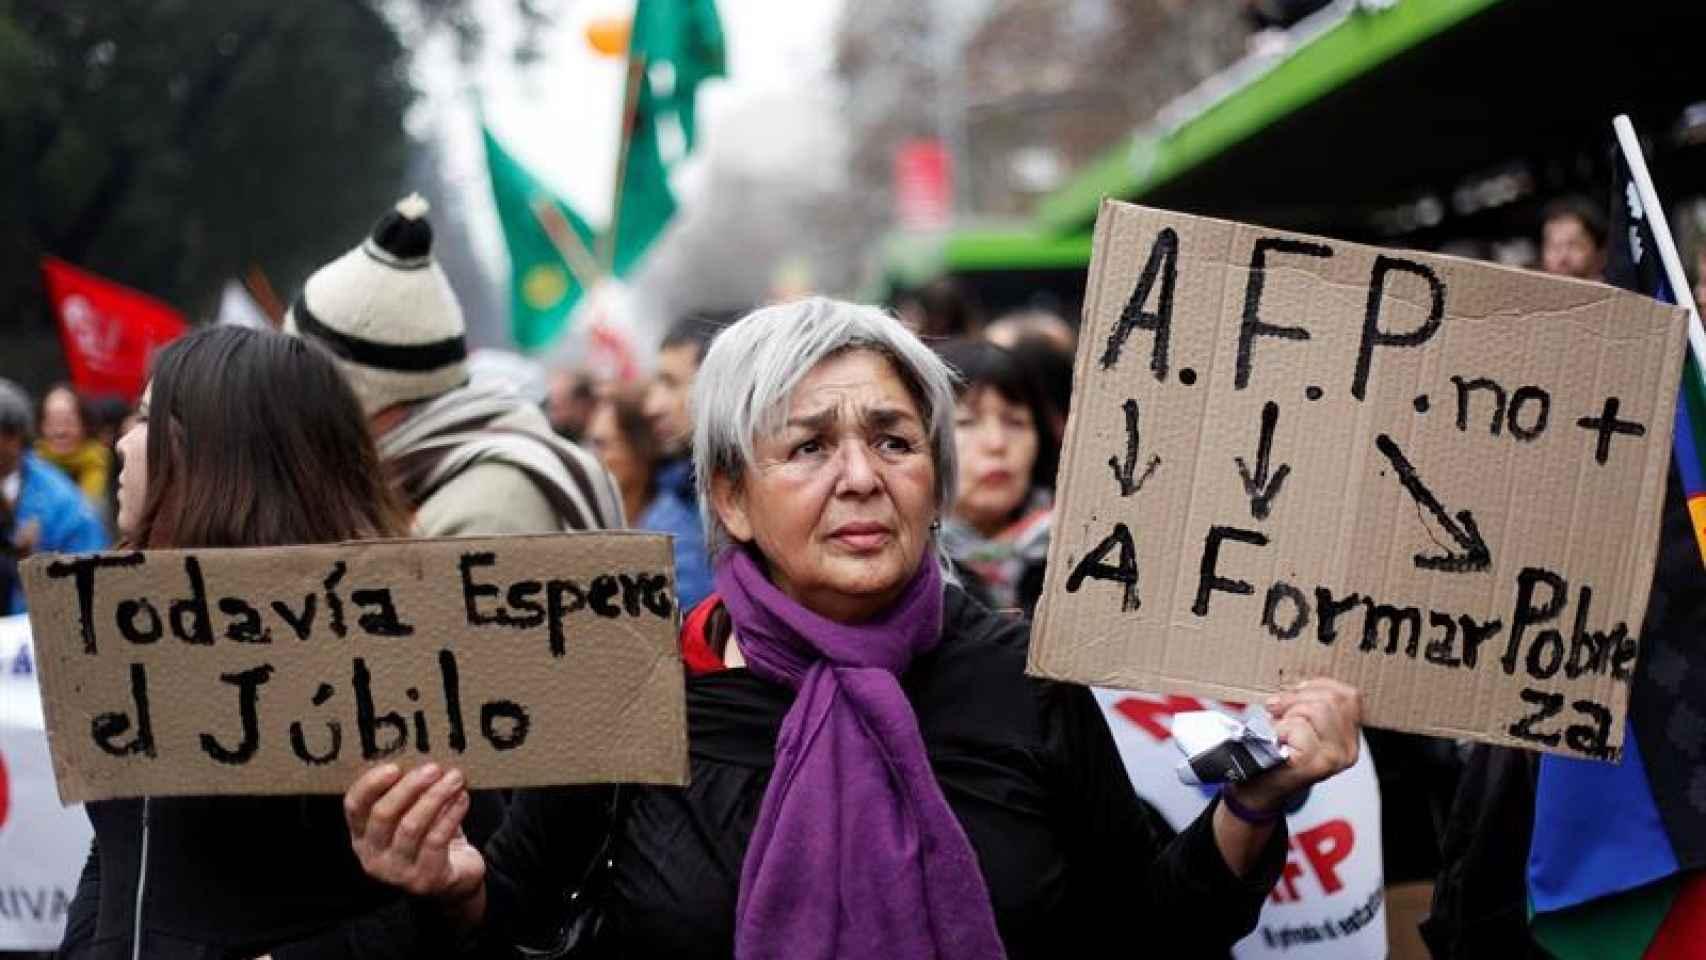 Una mujer se manifiesta contra el sistema de pensiones en Chile.